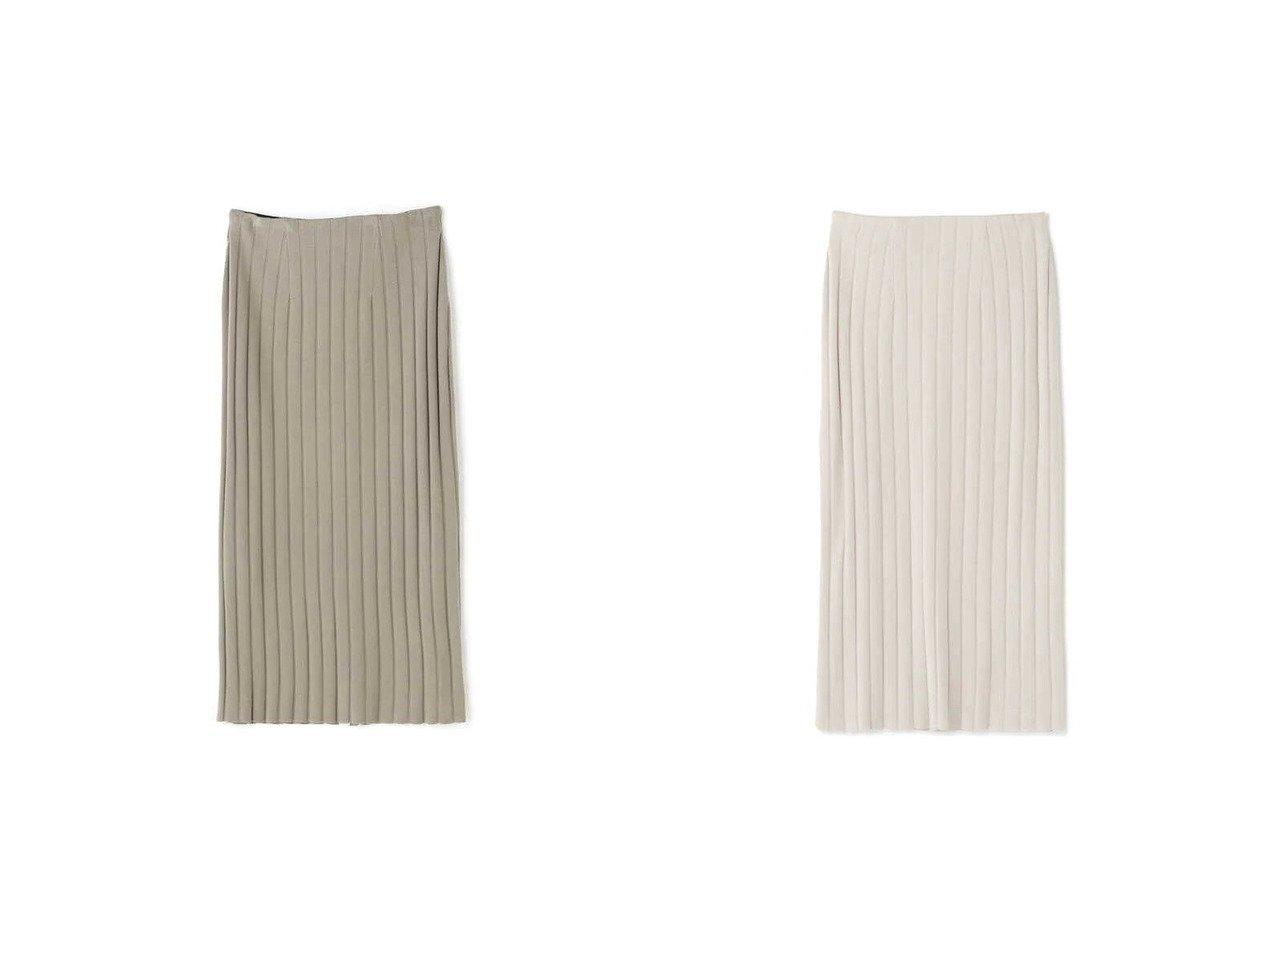 【NATURAL BEAUTY BASIC/ナチュラル ビューティー ベーシック】のリブタイトスカート 【スカート】おすすめ!人気、トレンド・レディースファッションの通販 おすすめで人気の流行・トレンド、ファッションの通販商品 メンズファッション・キッズファッション・インテリア・家具・レディースファッション・服の通販 founy(ファニー) https://founy.com/ ファッション Fashion レディースファッション WOMEN スカート Skirt おすすめ Recommend タイトスカート ワイド |ID:crp329100000029611